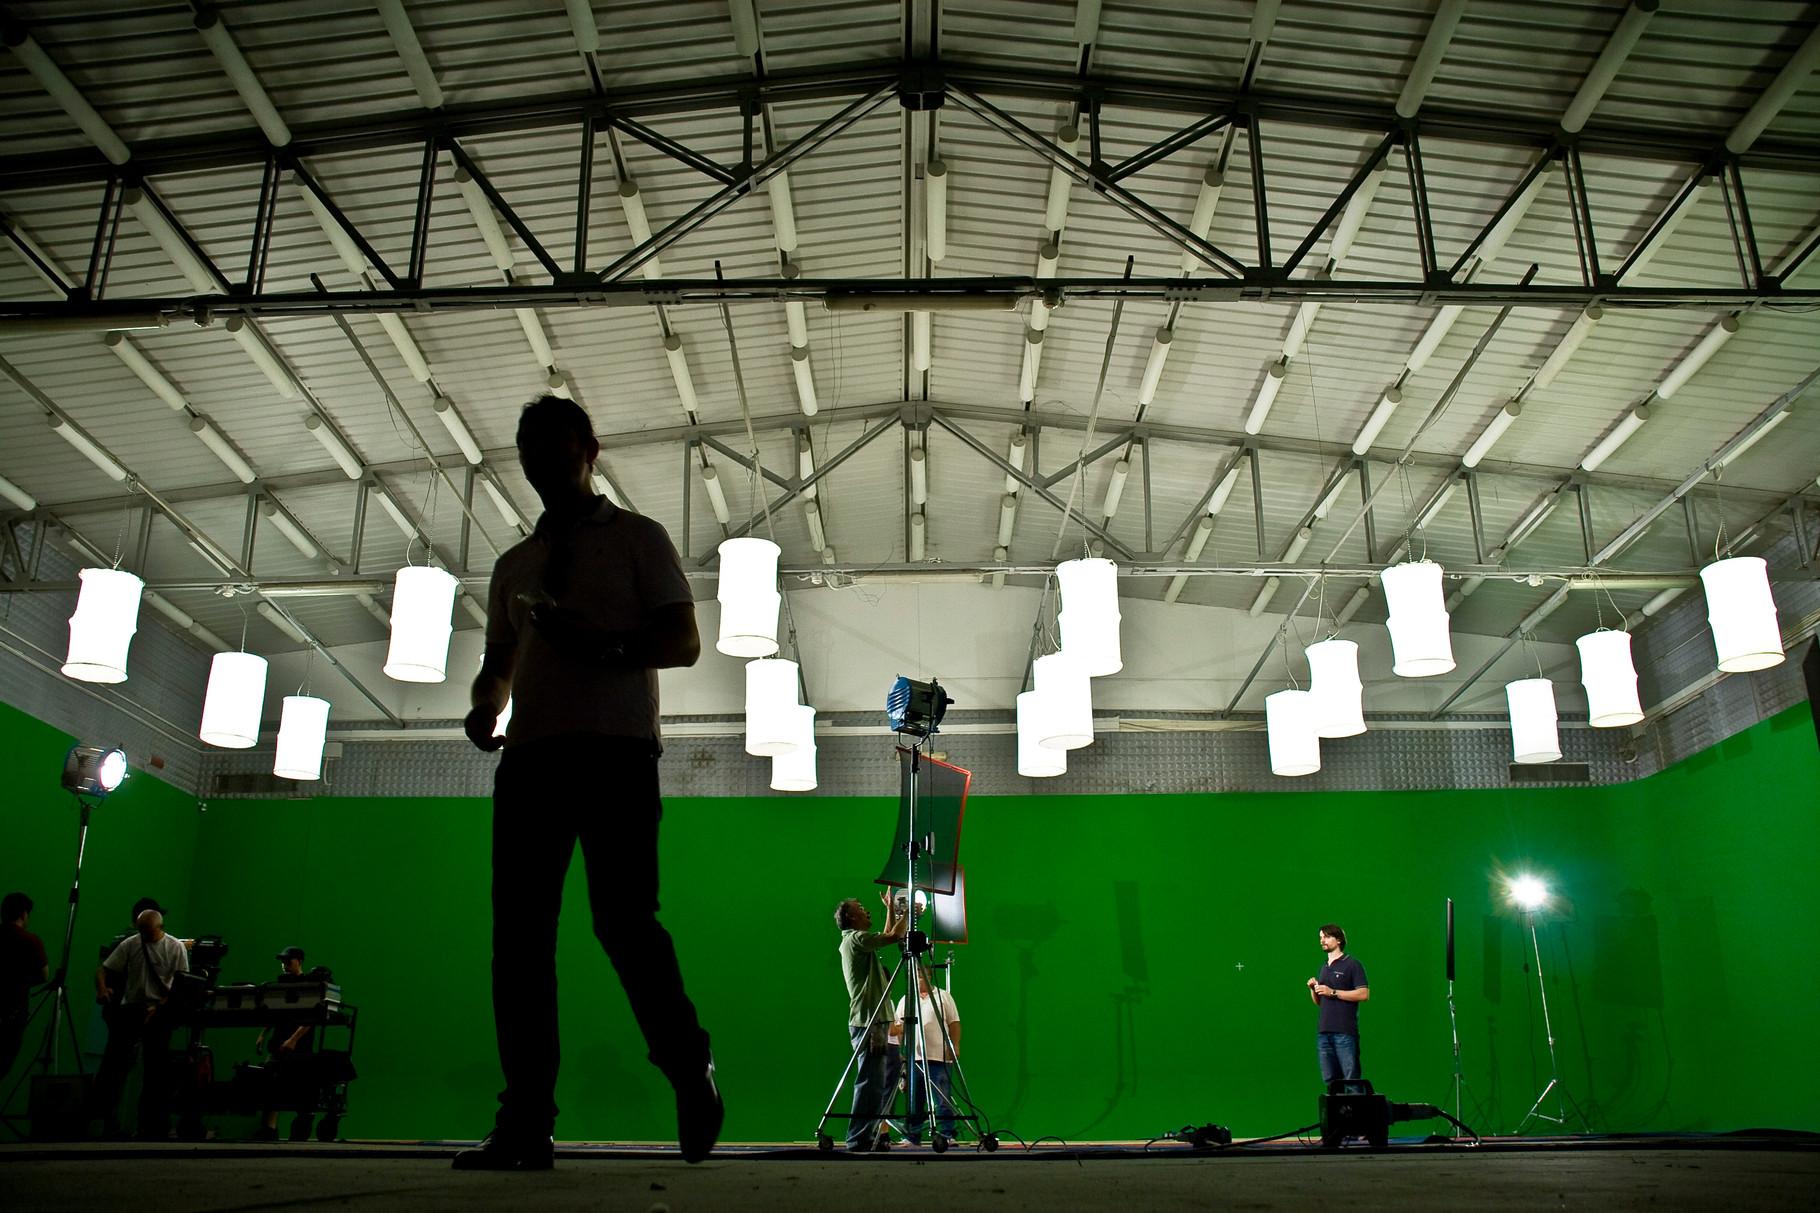 Cinecittà 3 studio green - Roma, italia | All rights reserved |